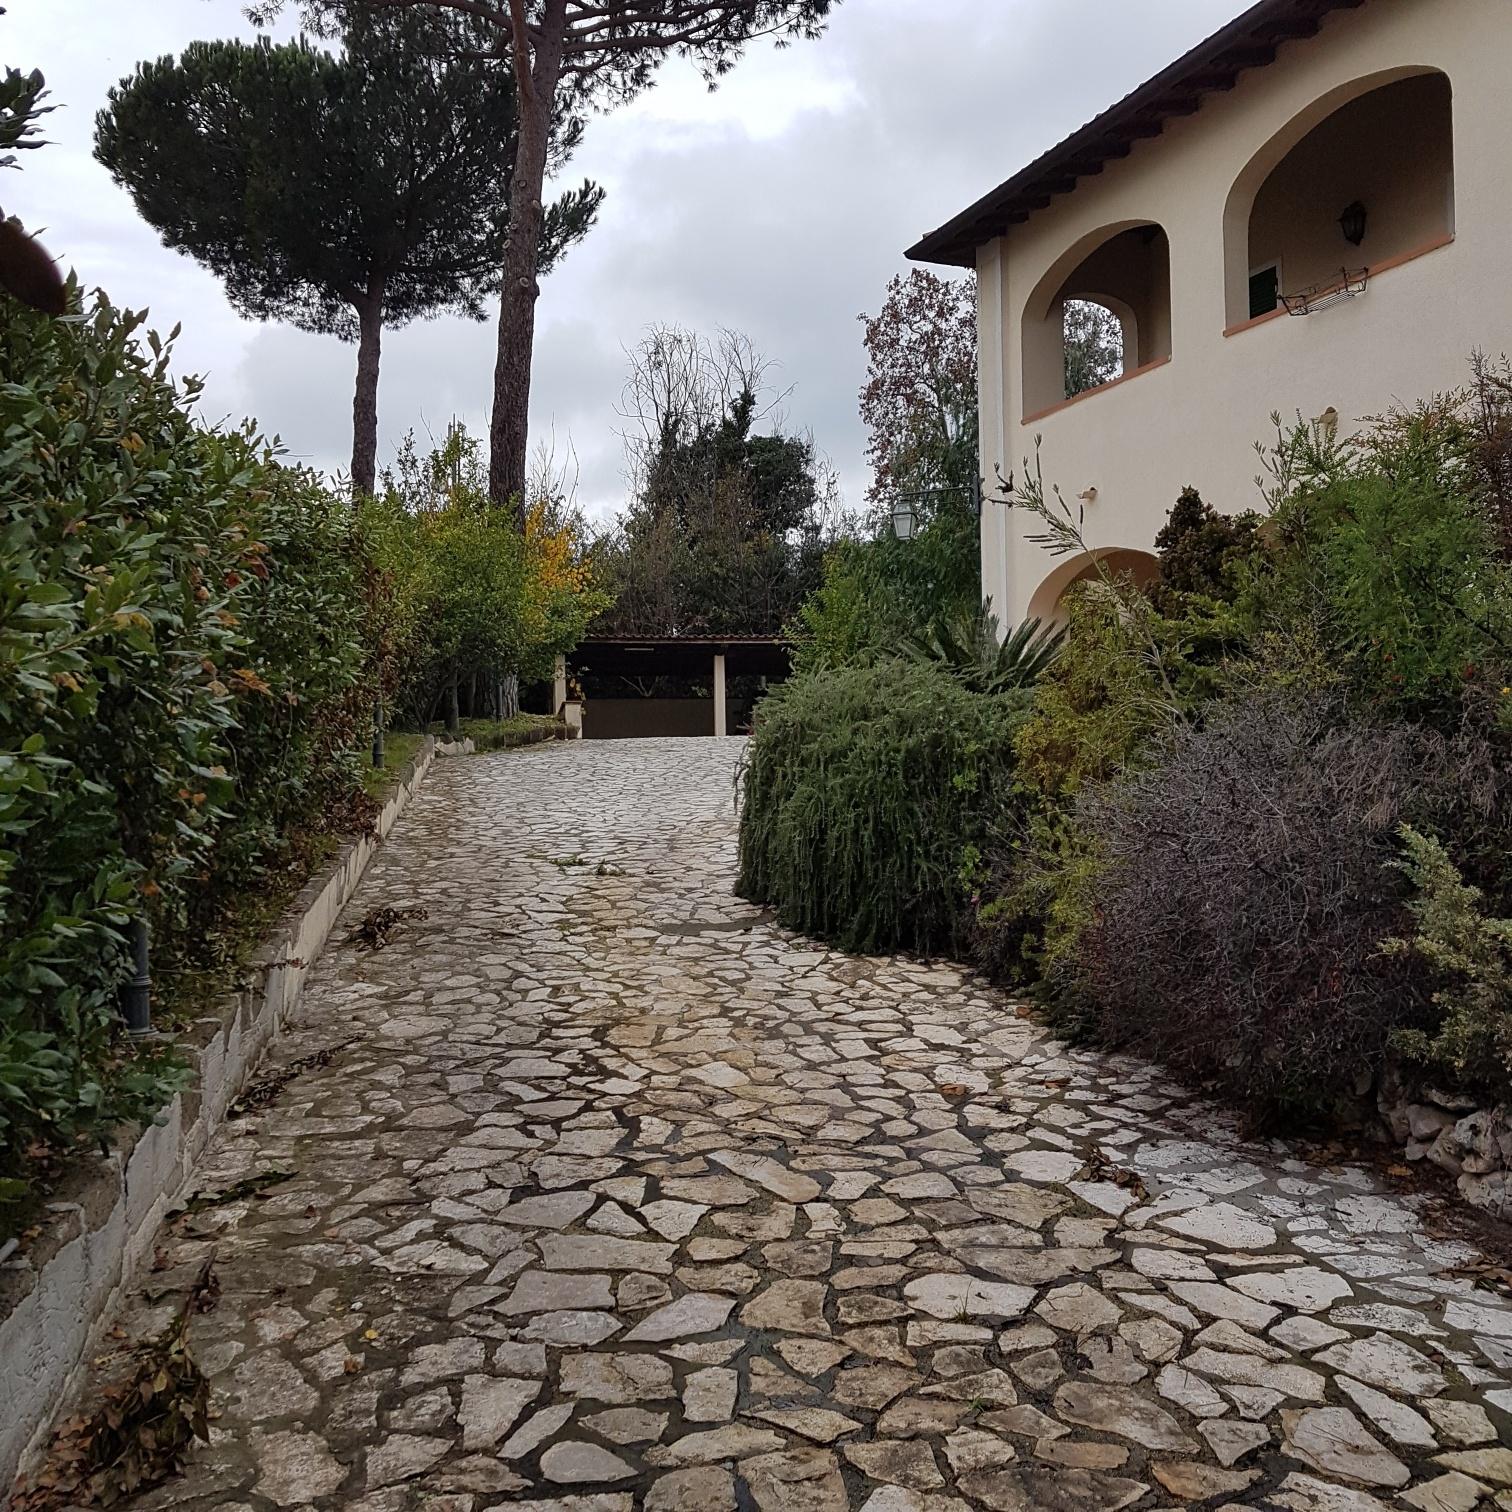 Villa in affitto a Formello, 6 locali, zona Località: LeRughe, prezzo € 2.700 | CambioCasa.it